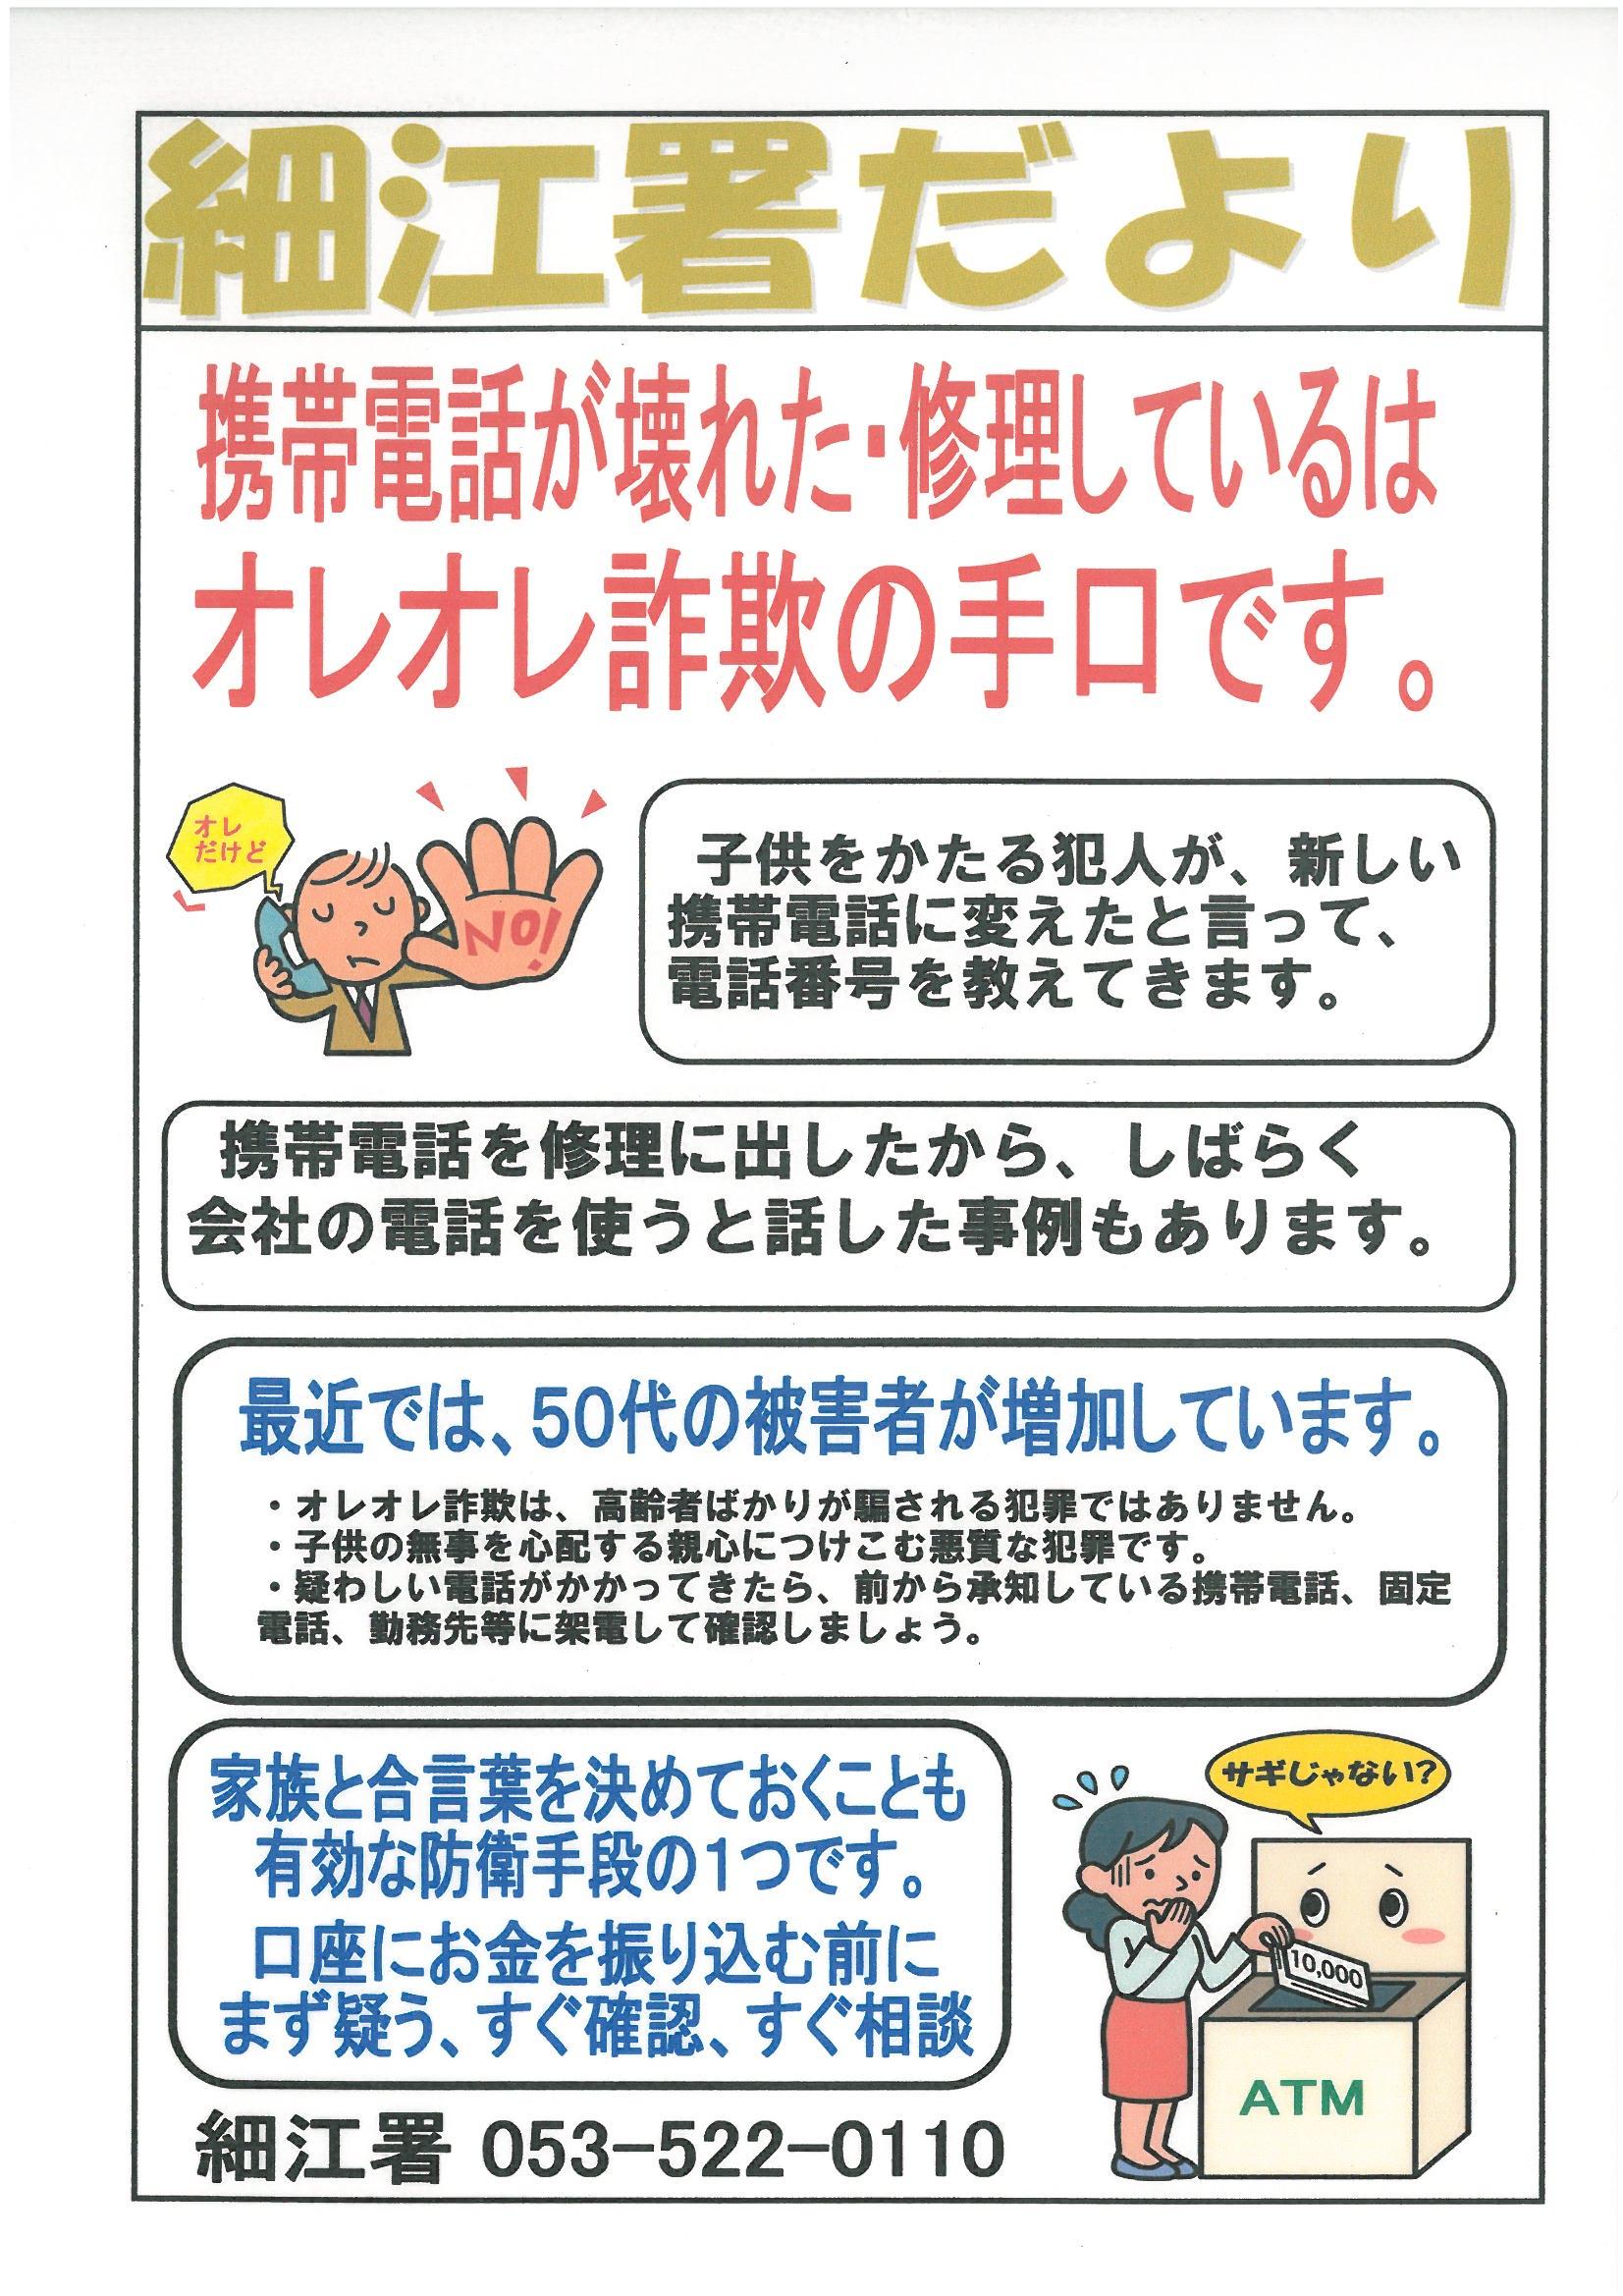 細江警察署からのお知らせ 1画像